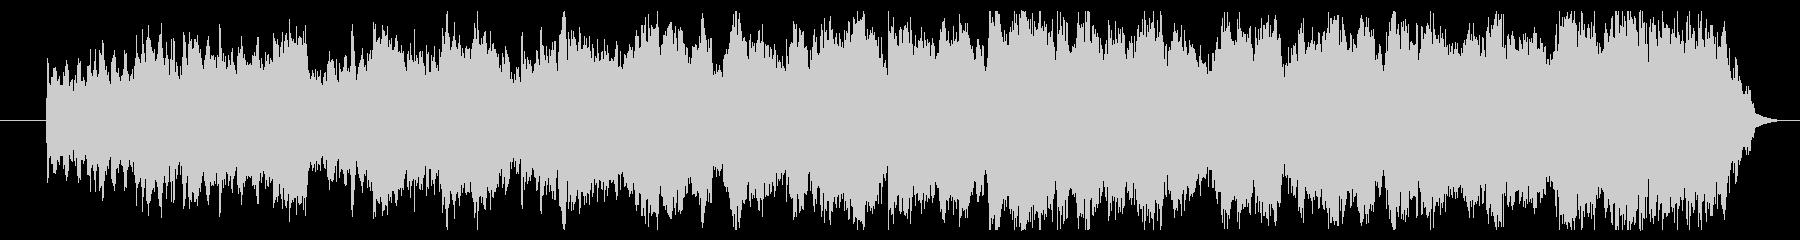 篠笛のメロディー 和洋折中なインストの未再生の波形